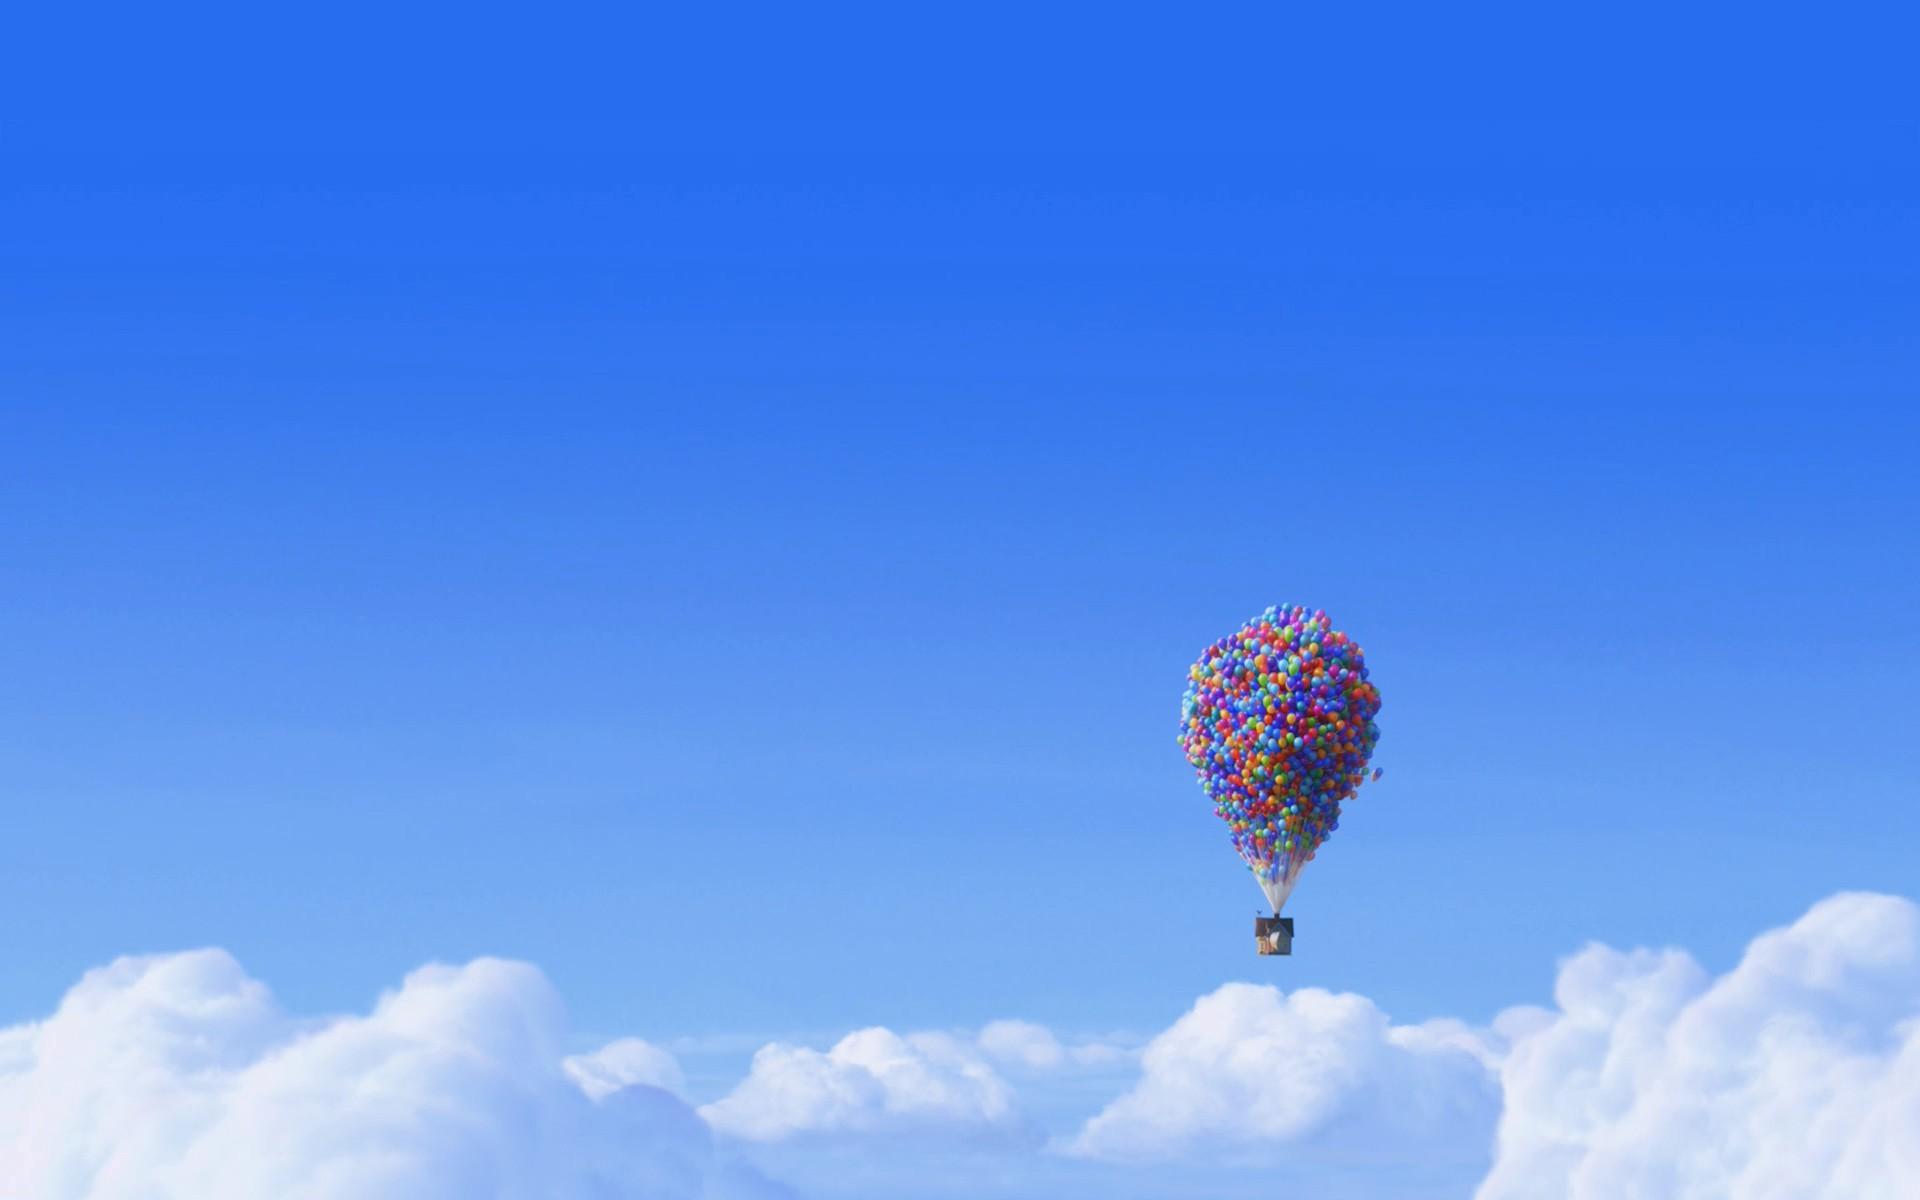 Pixar Cars Wallpaper >> Disney Pixar Desktop Wallpaper - WallpaperSafari